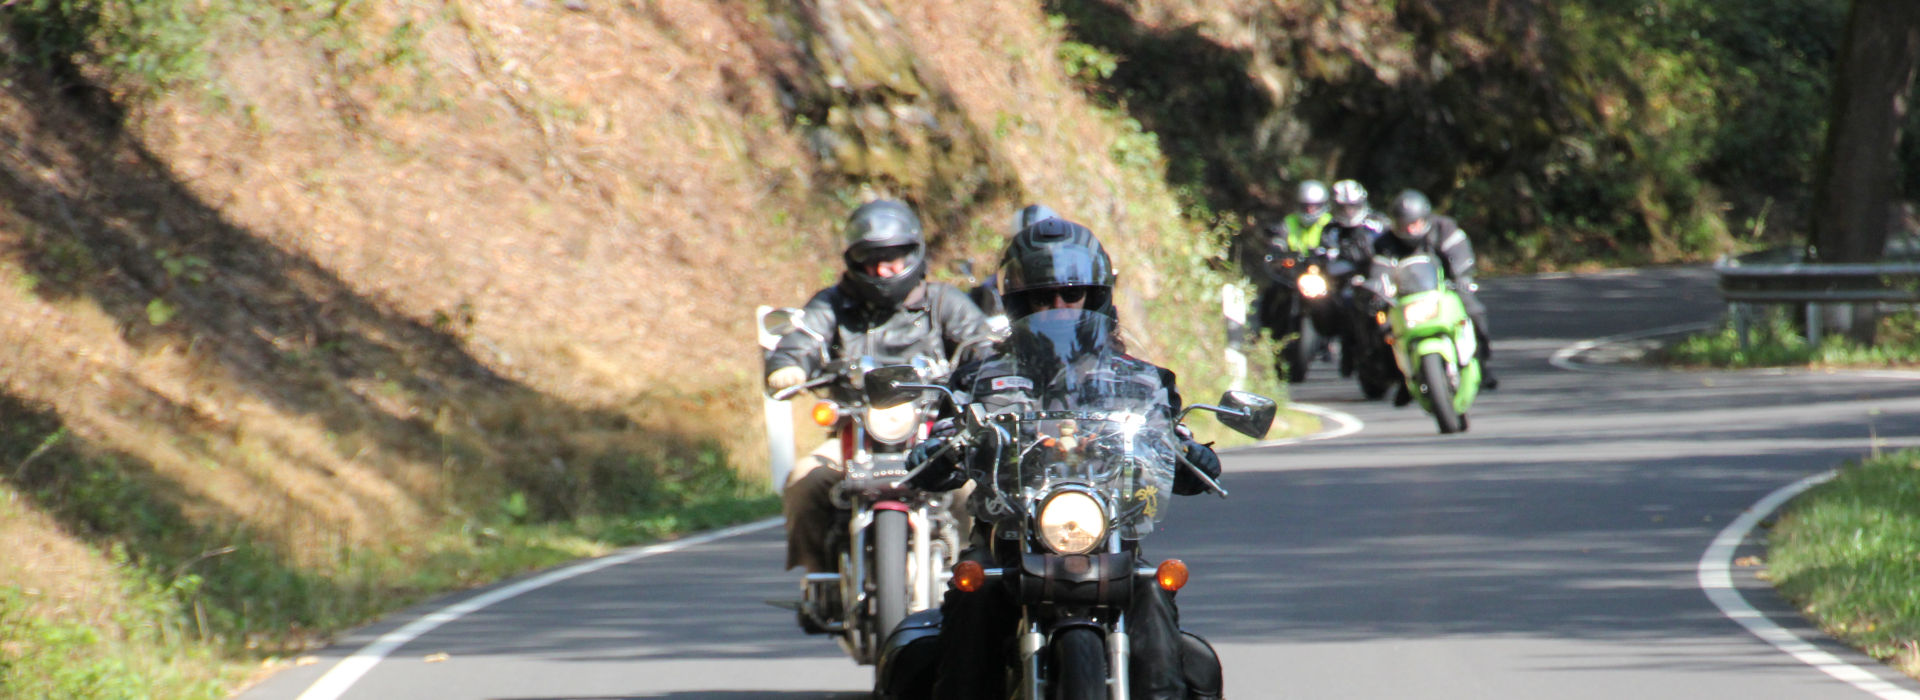 Motorrijbewijspoint Nootdorp snel motorrijbewijs halen